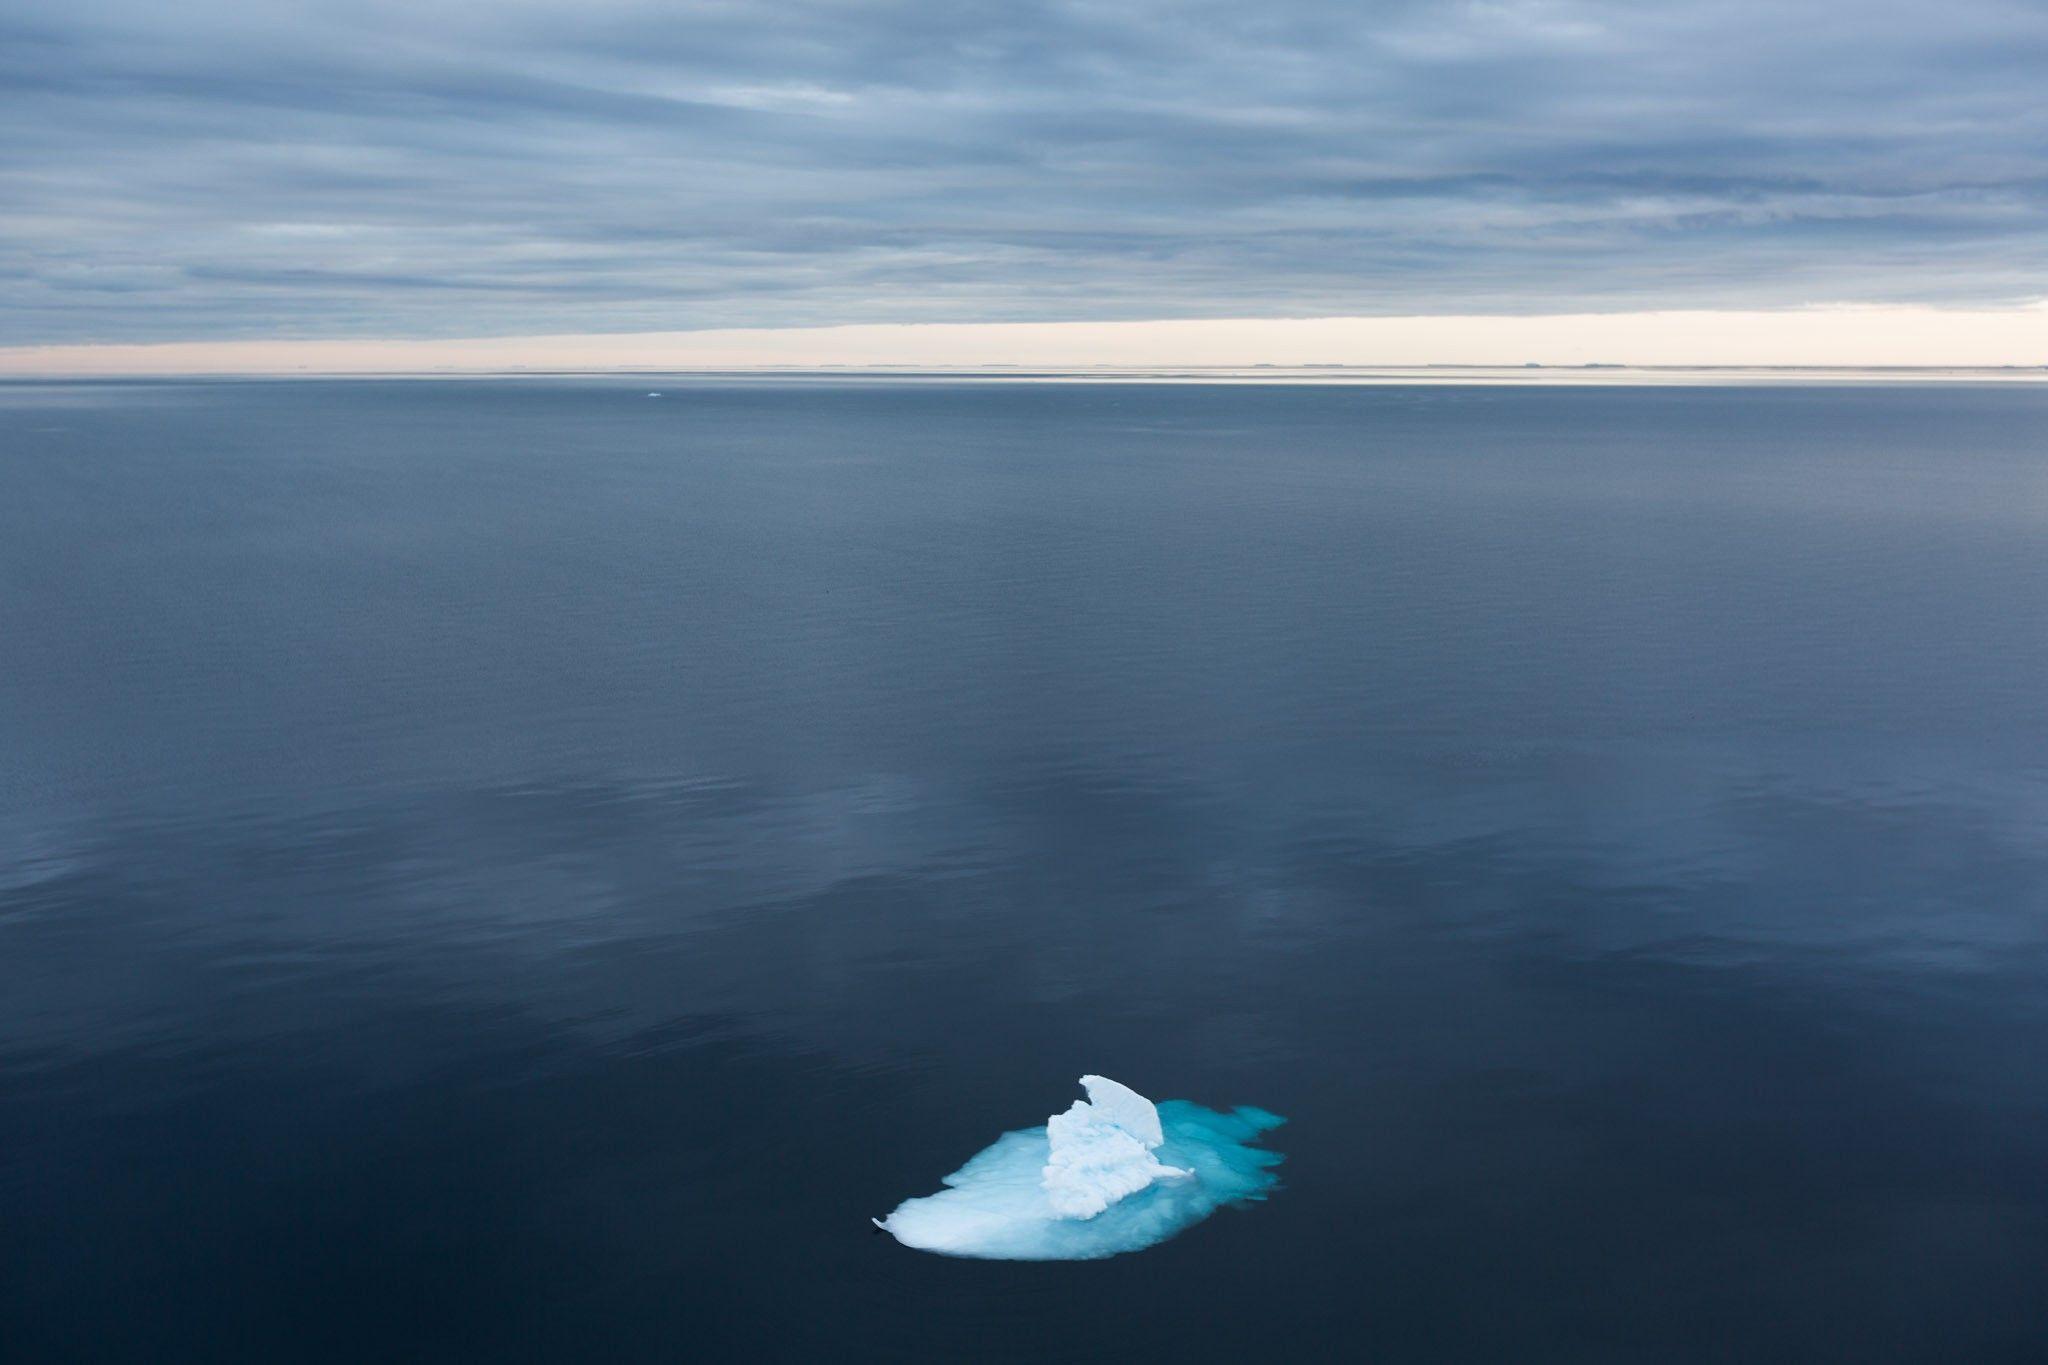 ¿Por qué el Ártico tiene más plásticos que la mayoría de los lugares de la Tierra?